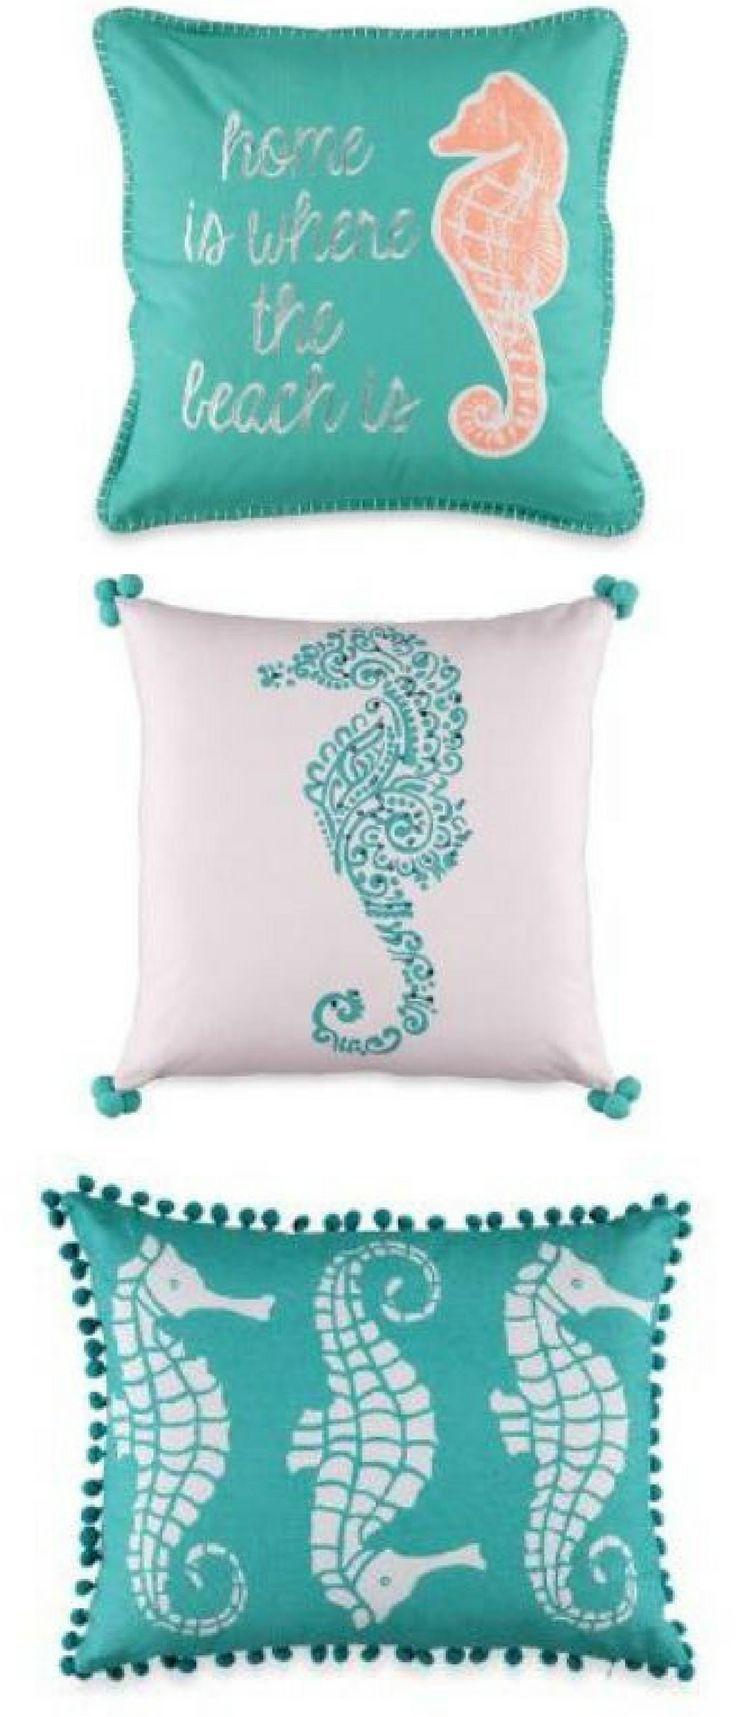 Colorful seahorse accent pillows coastal home decor ocean themed